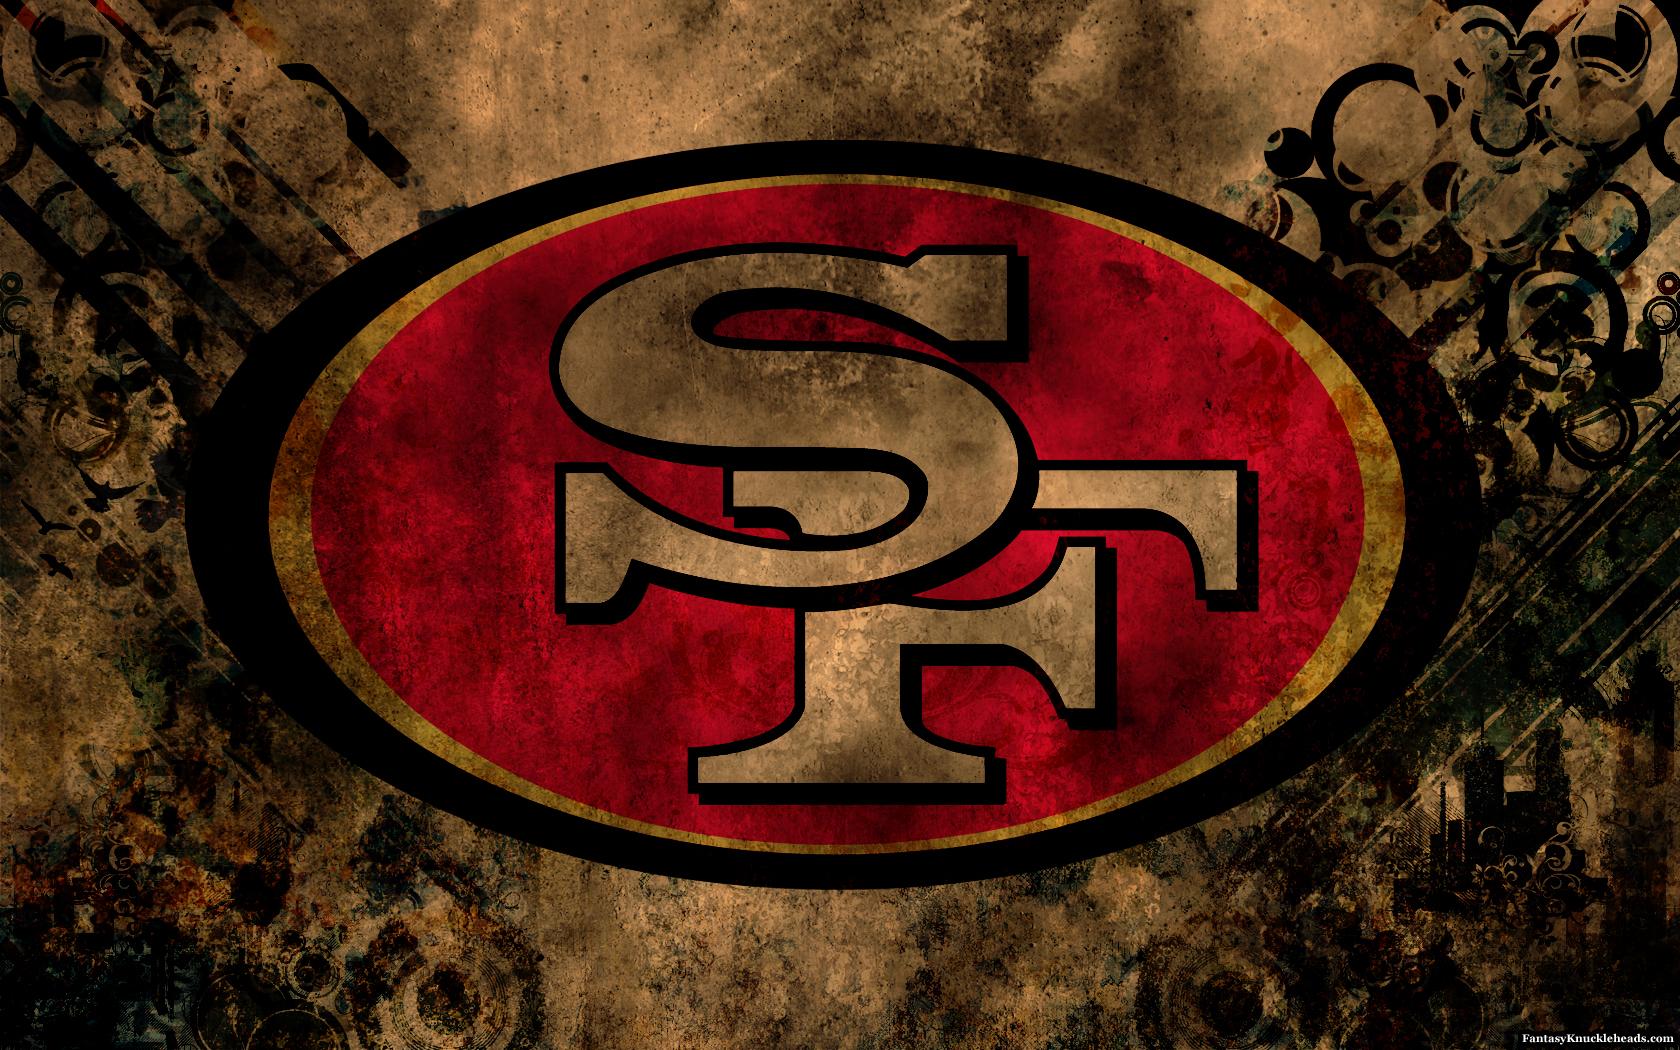 San Francisco 49ers wallpaper HD images San Francisco 49ers 1680x1050